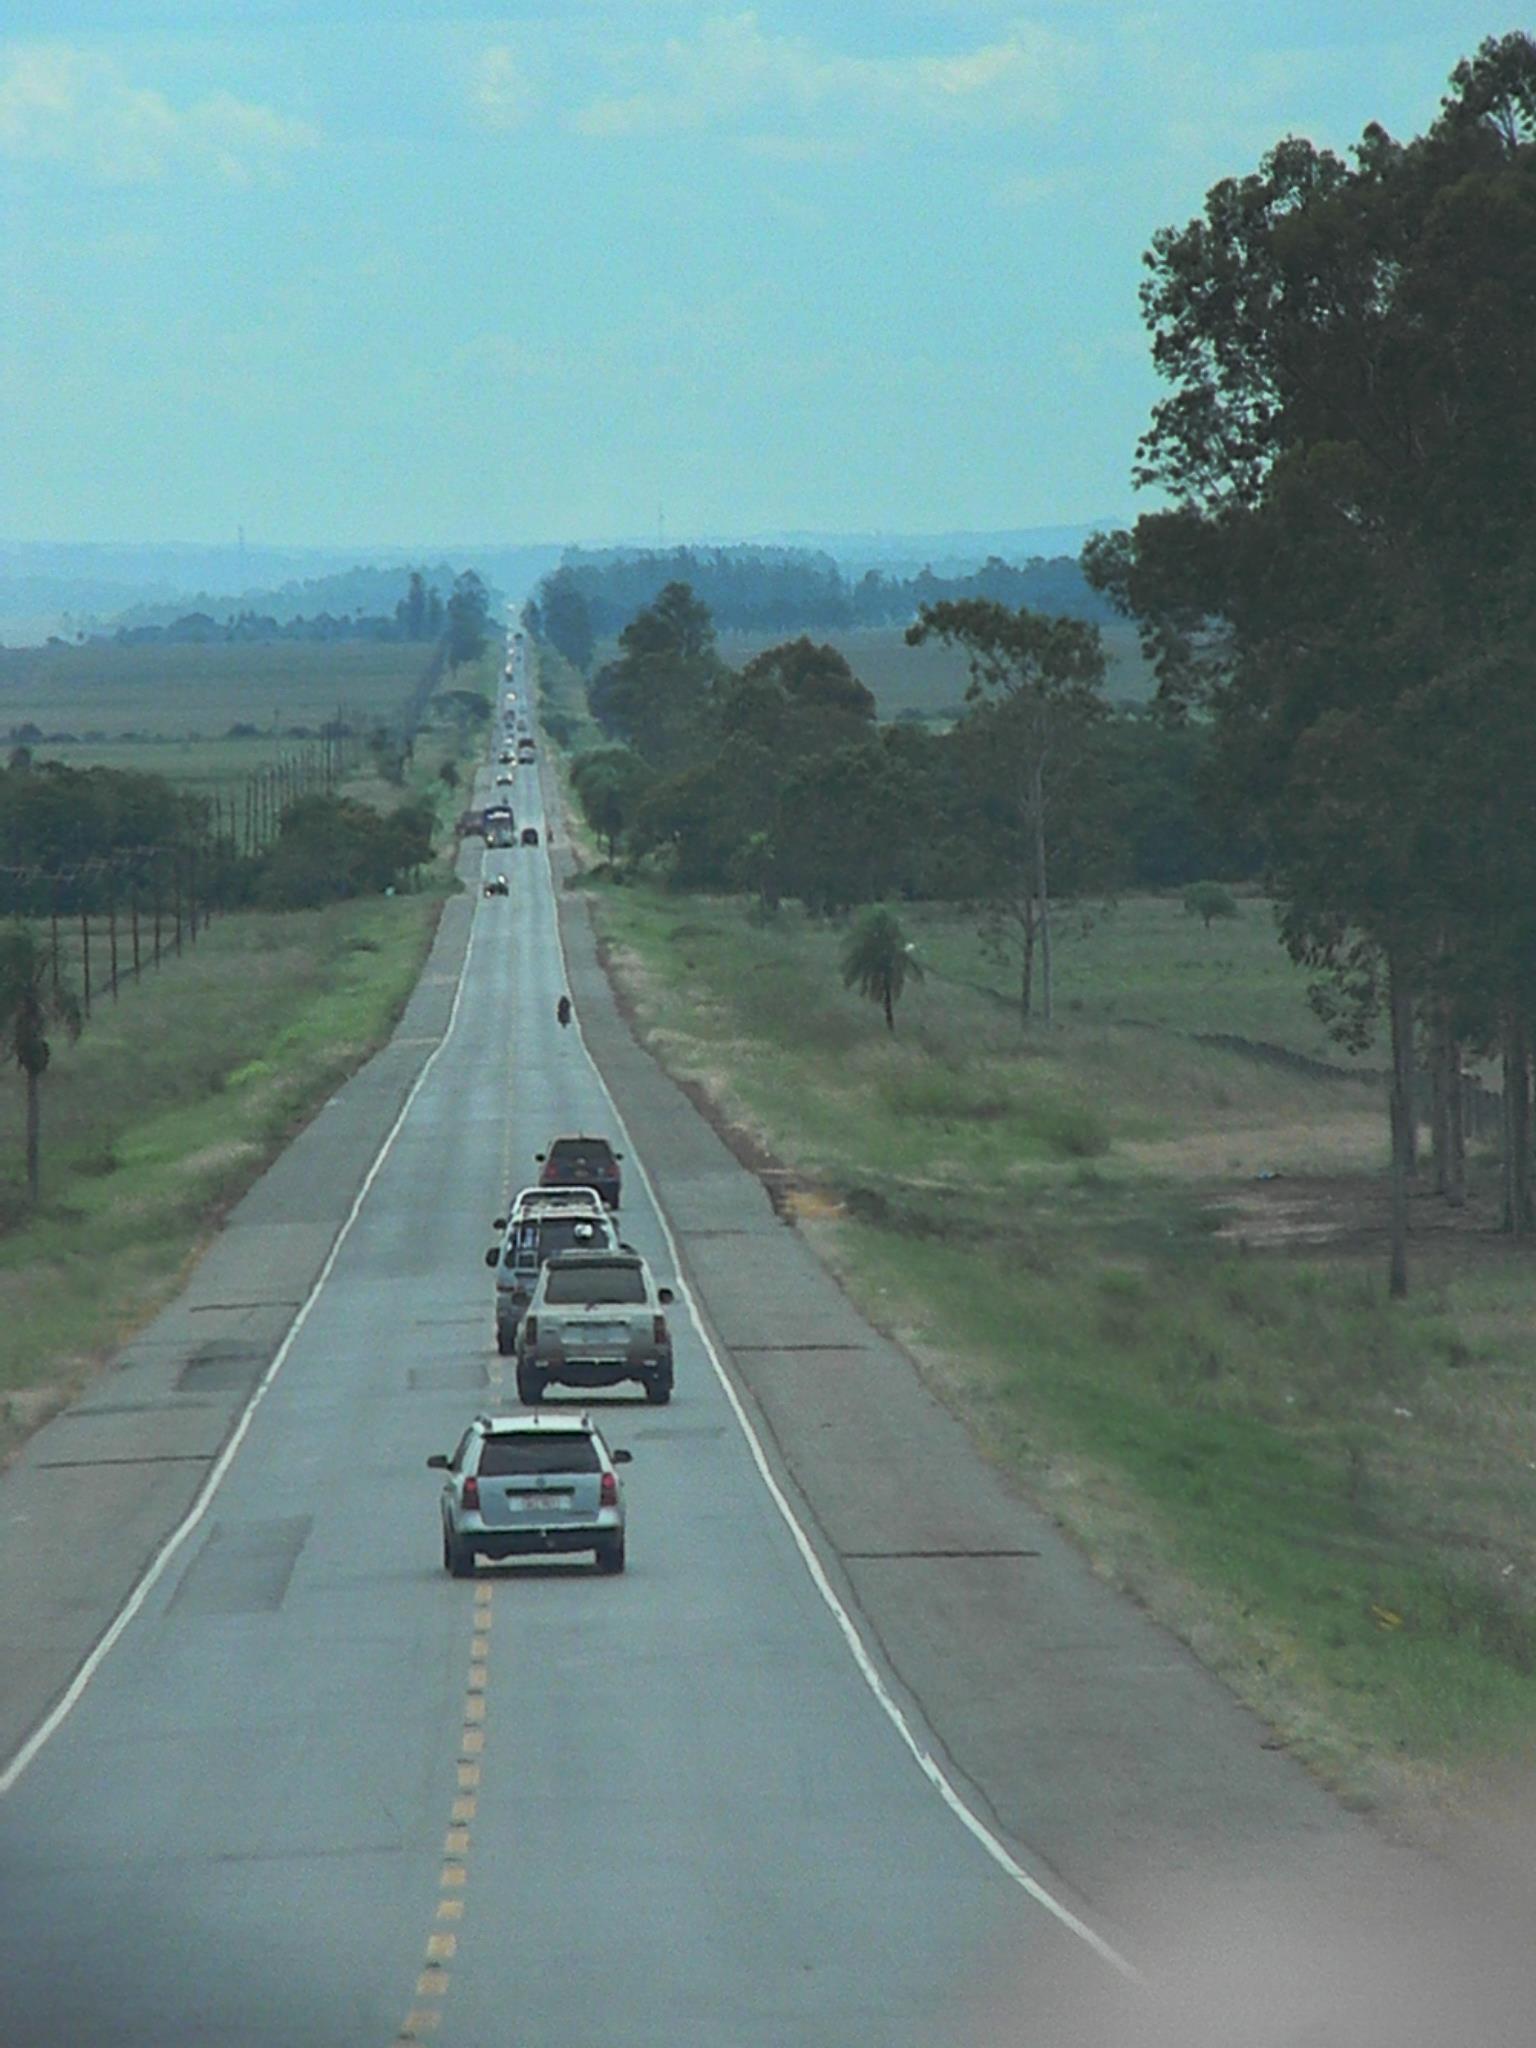 estrada infinita.jpg